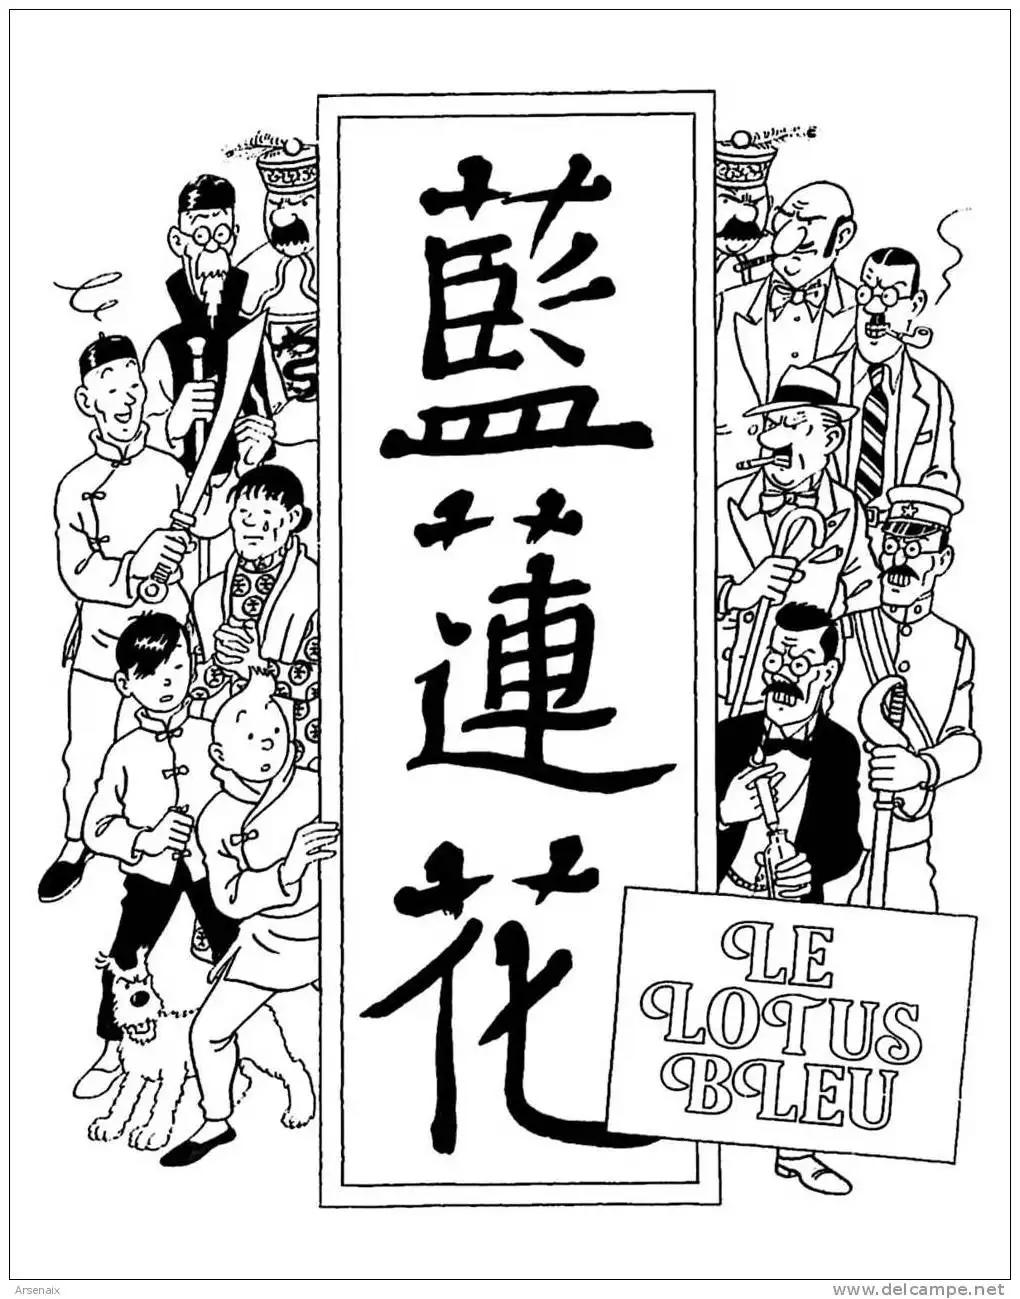 Les différents personnages de l'album Tintin et le Lotus bleu (1936)A partir de la galerie : Livres Et Comics